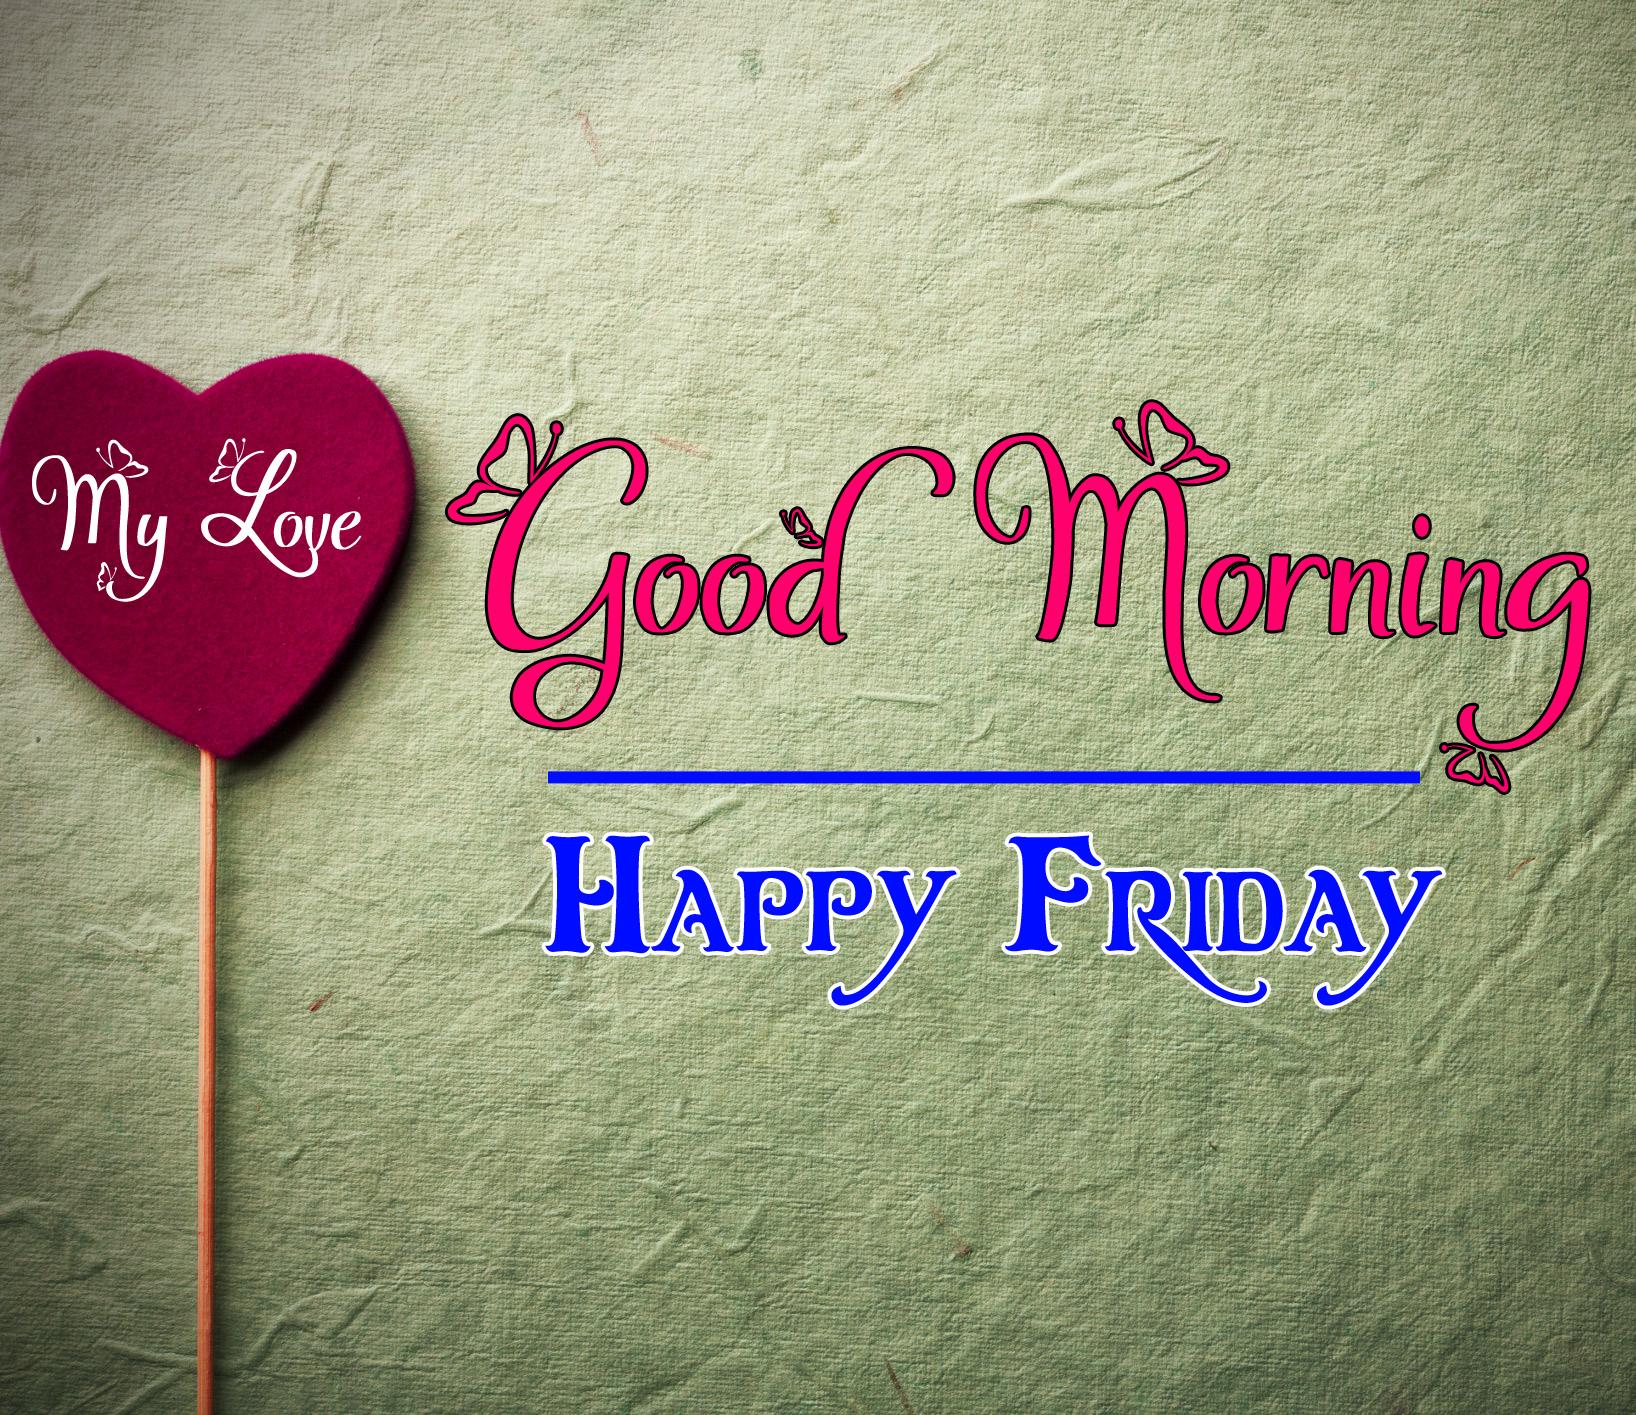 Good Morning Wishes Image 8